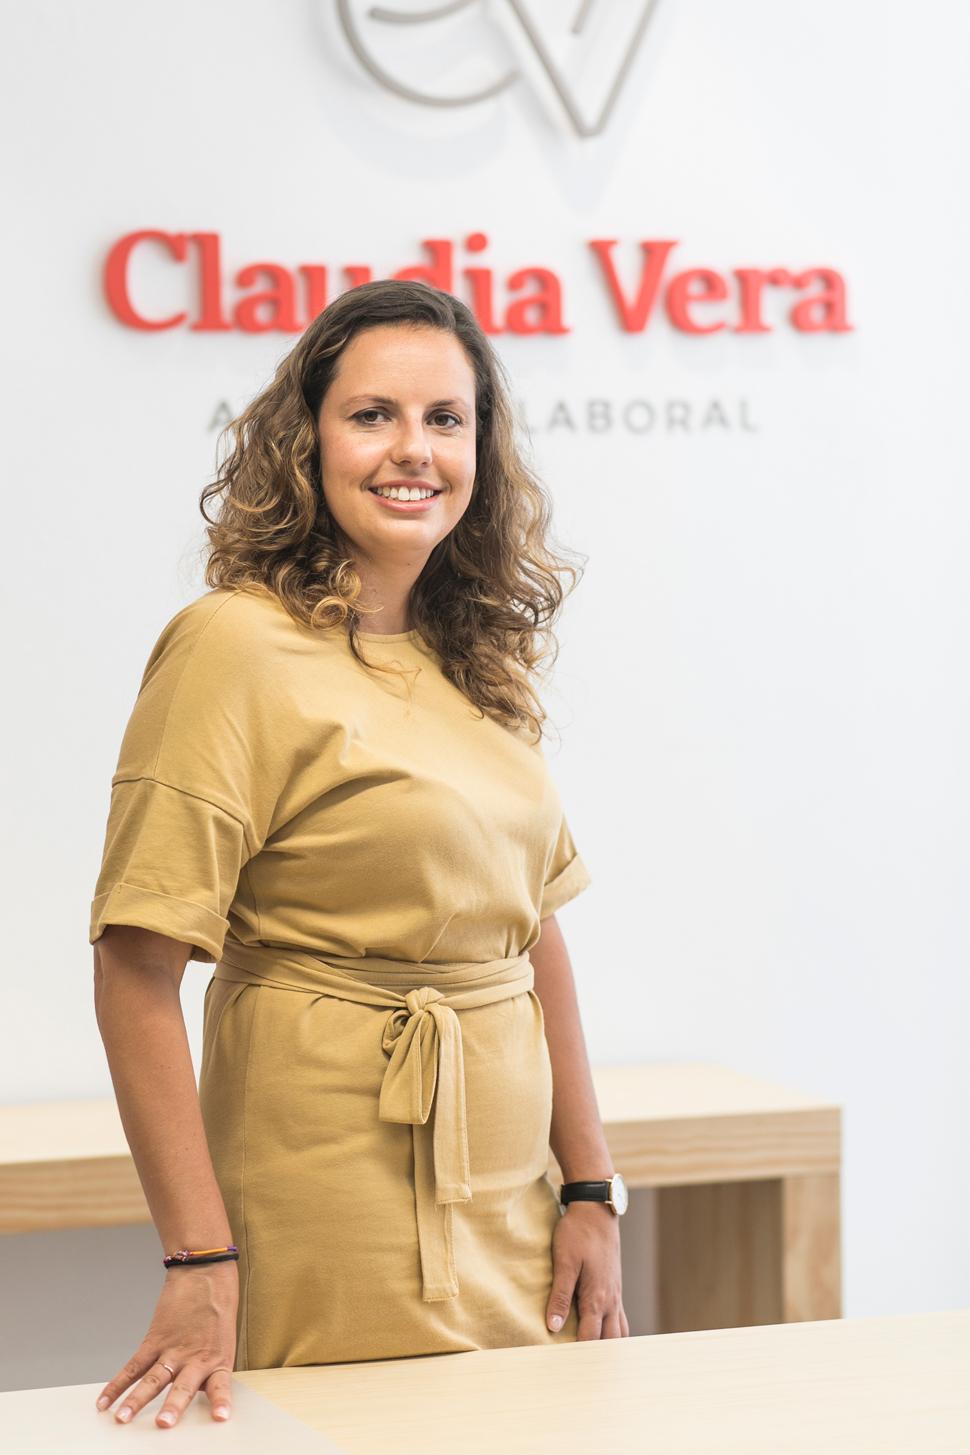 Claudia Vera Asesoría | Macaronesia Fuerteventura